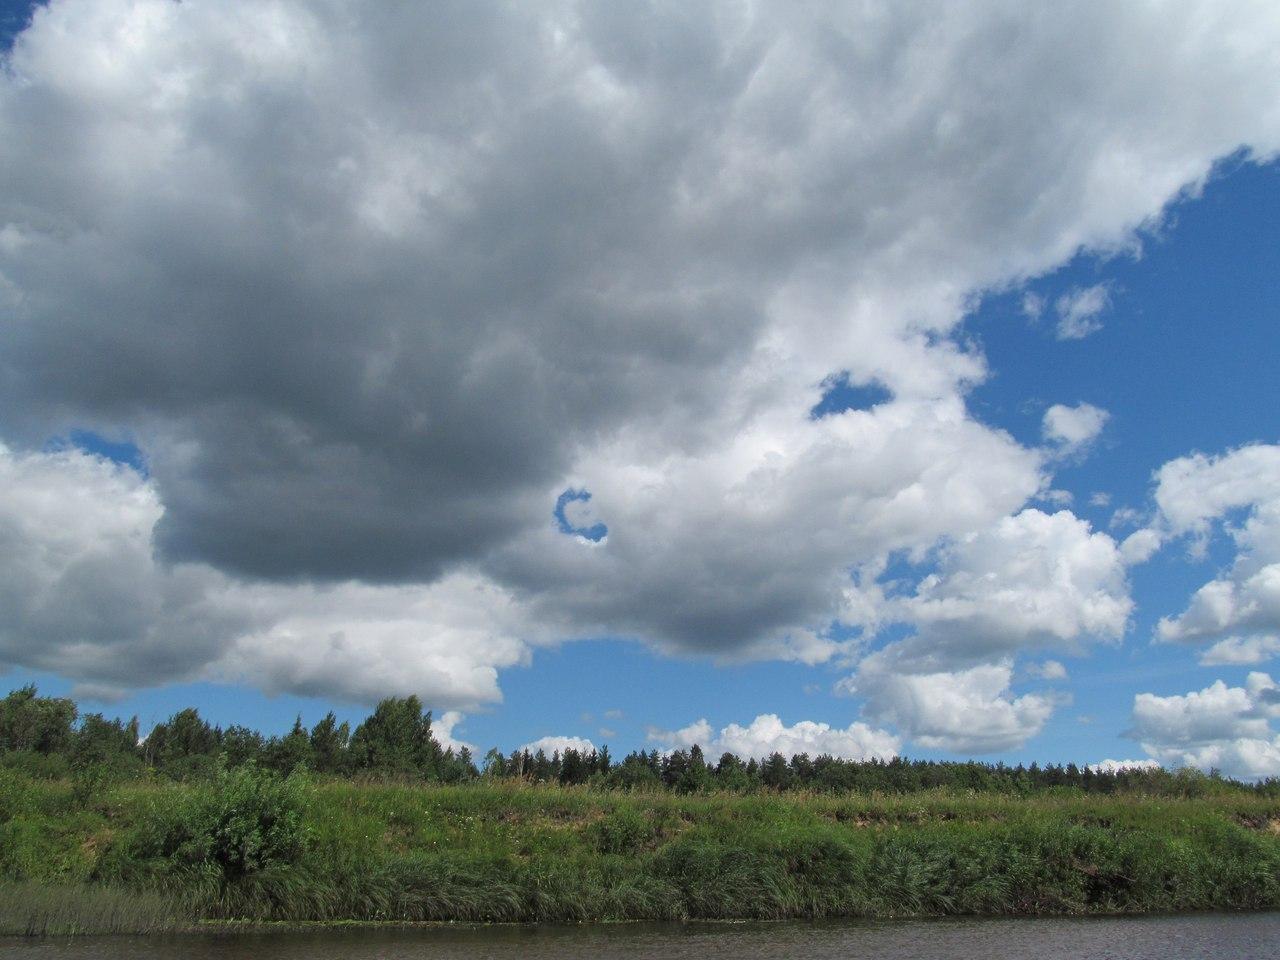 небо с буквой «С»